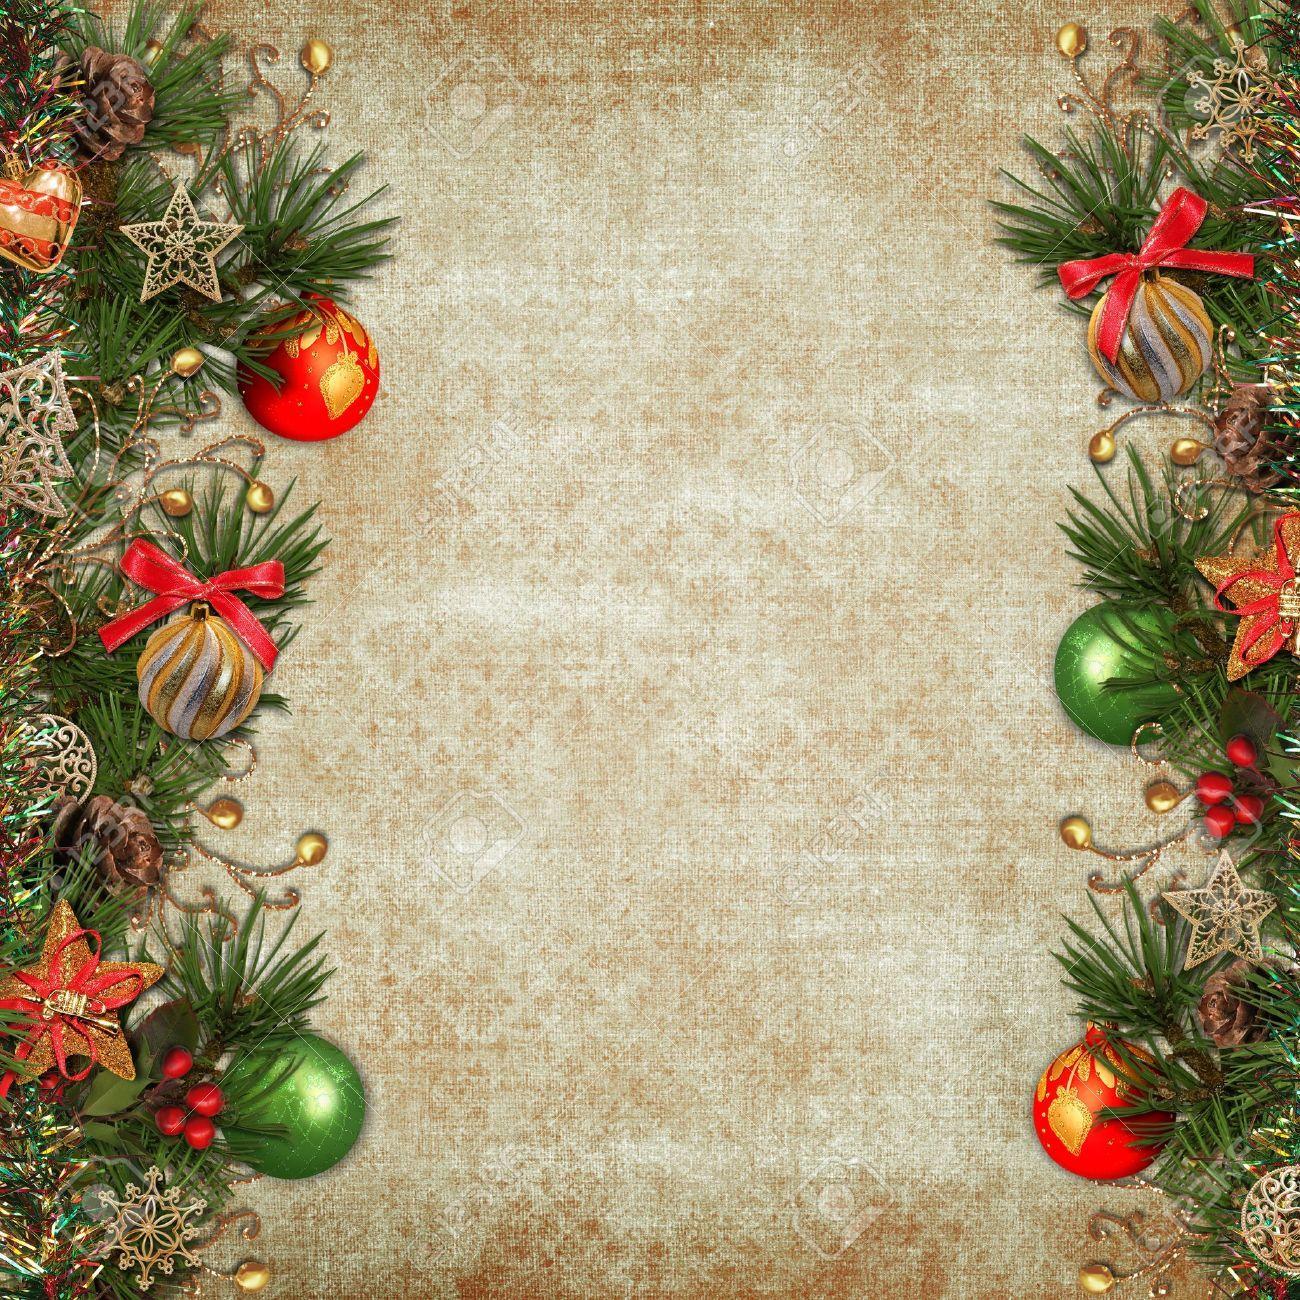 Stock Photo Christmas background, Christmas background